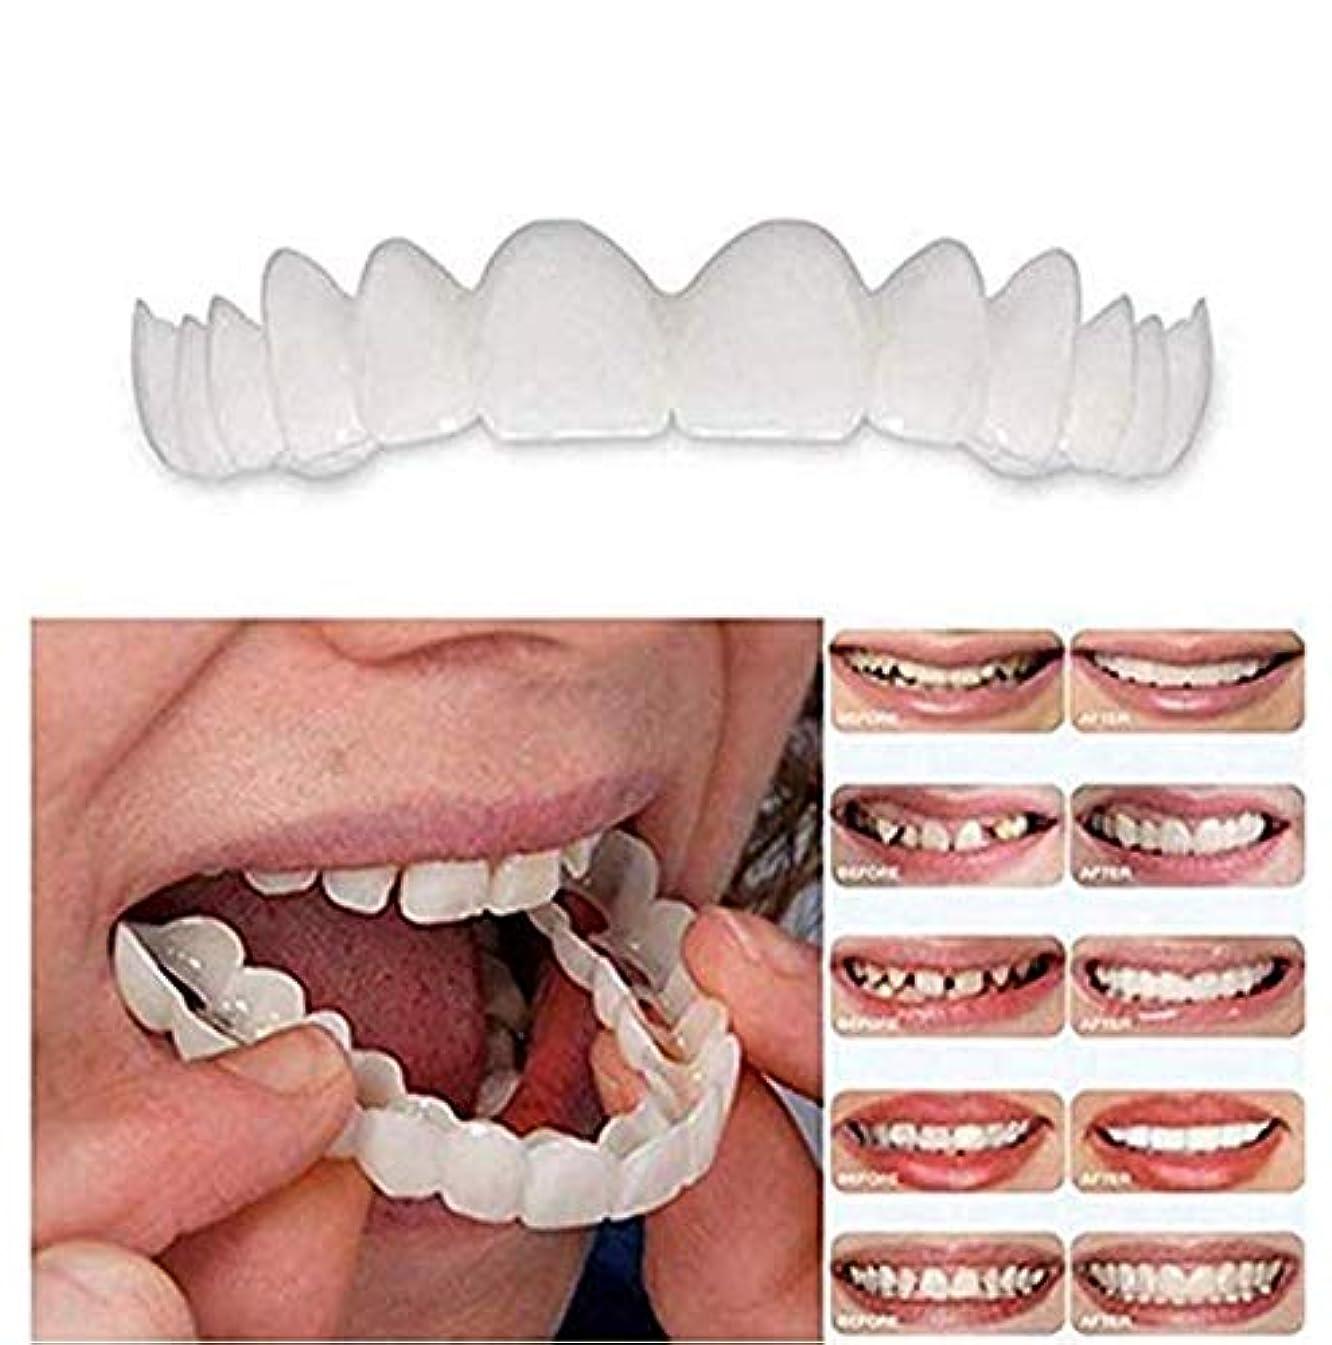 入場限界幹14セットの再利用可能な歯カバー歯科用アクセサリー用の調節可能なソフト漂白偽歯科義歯